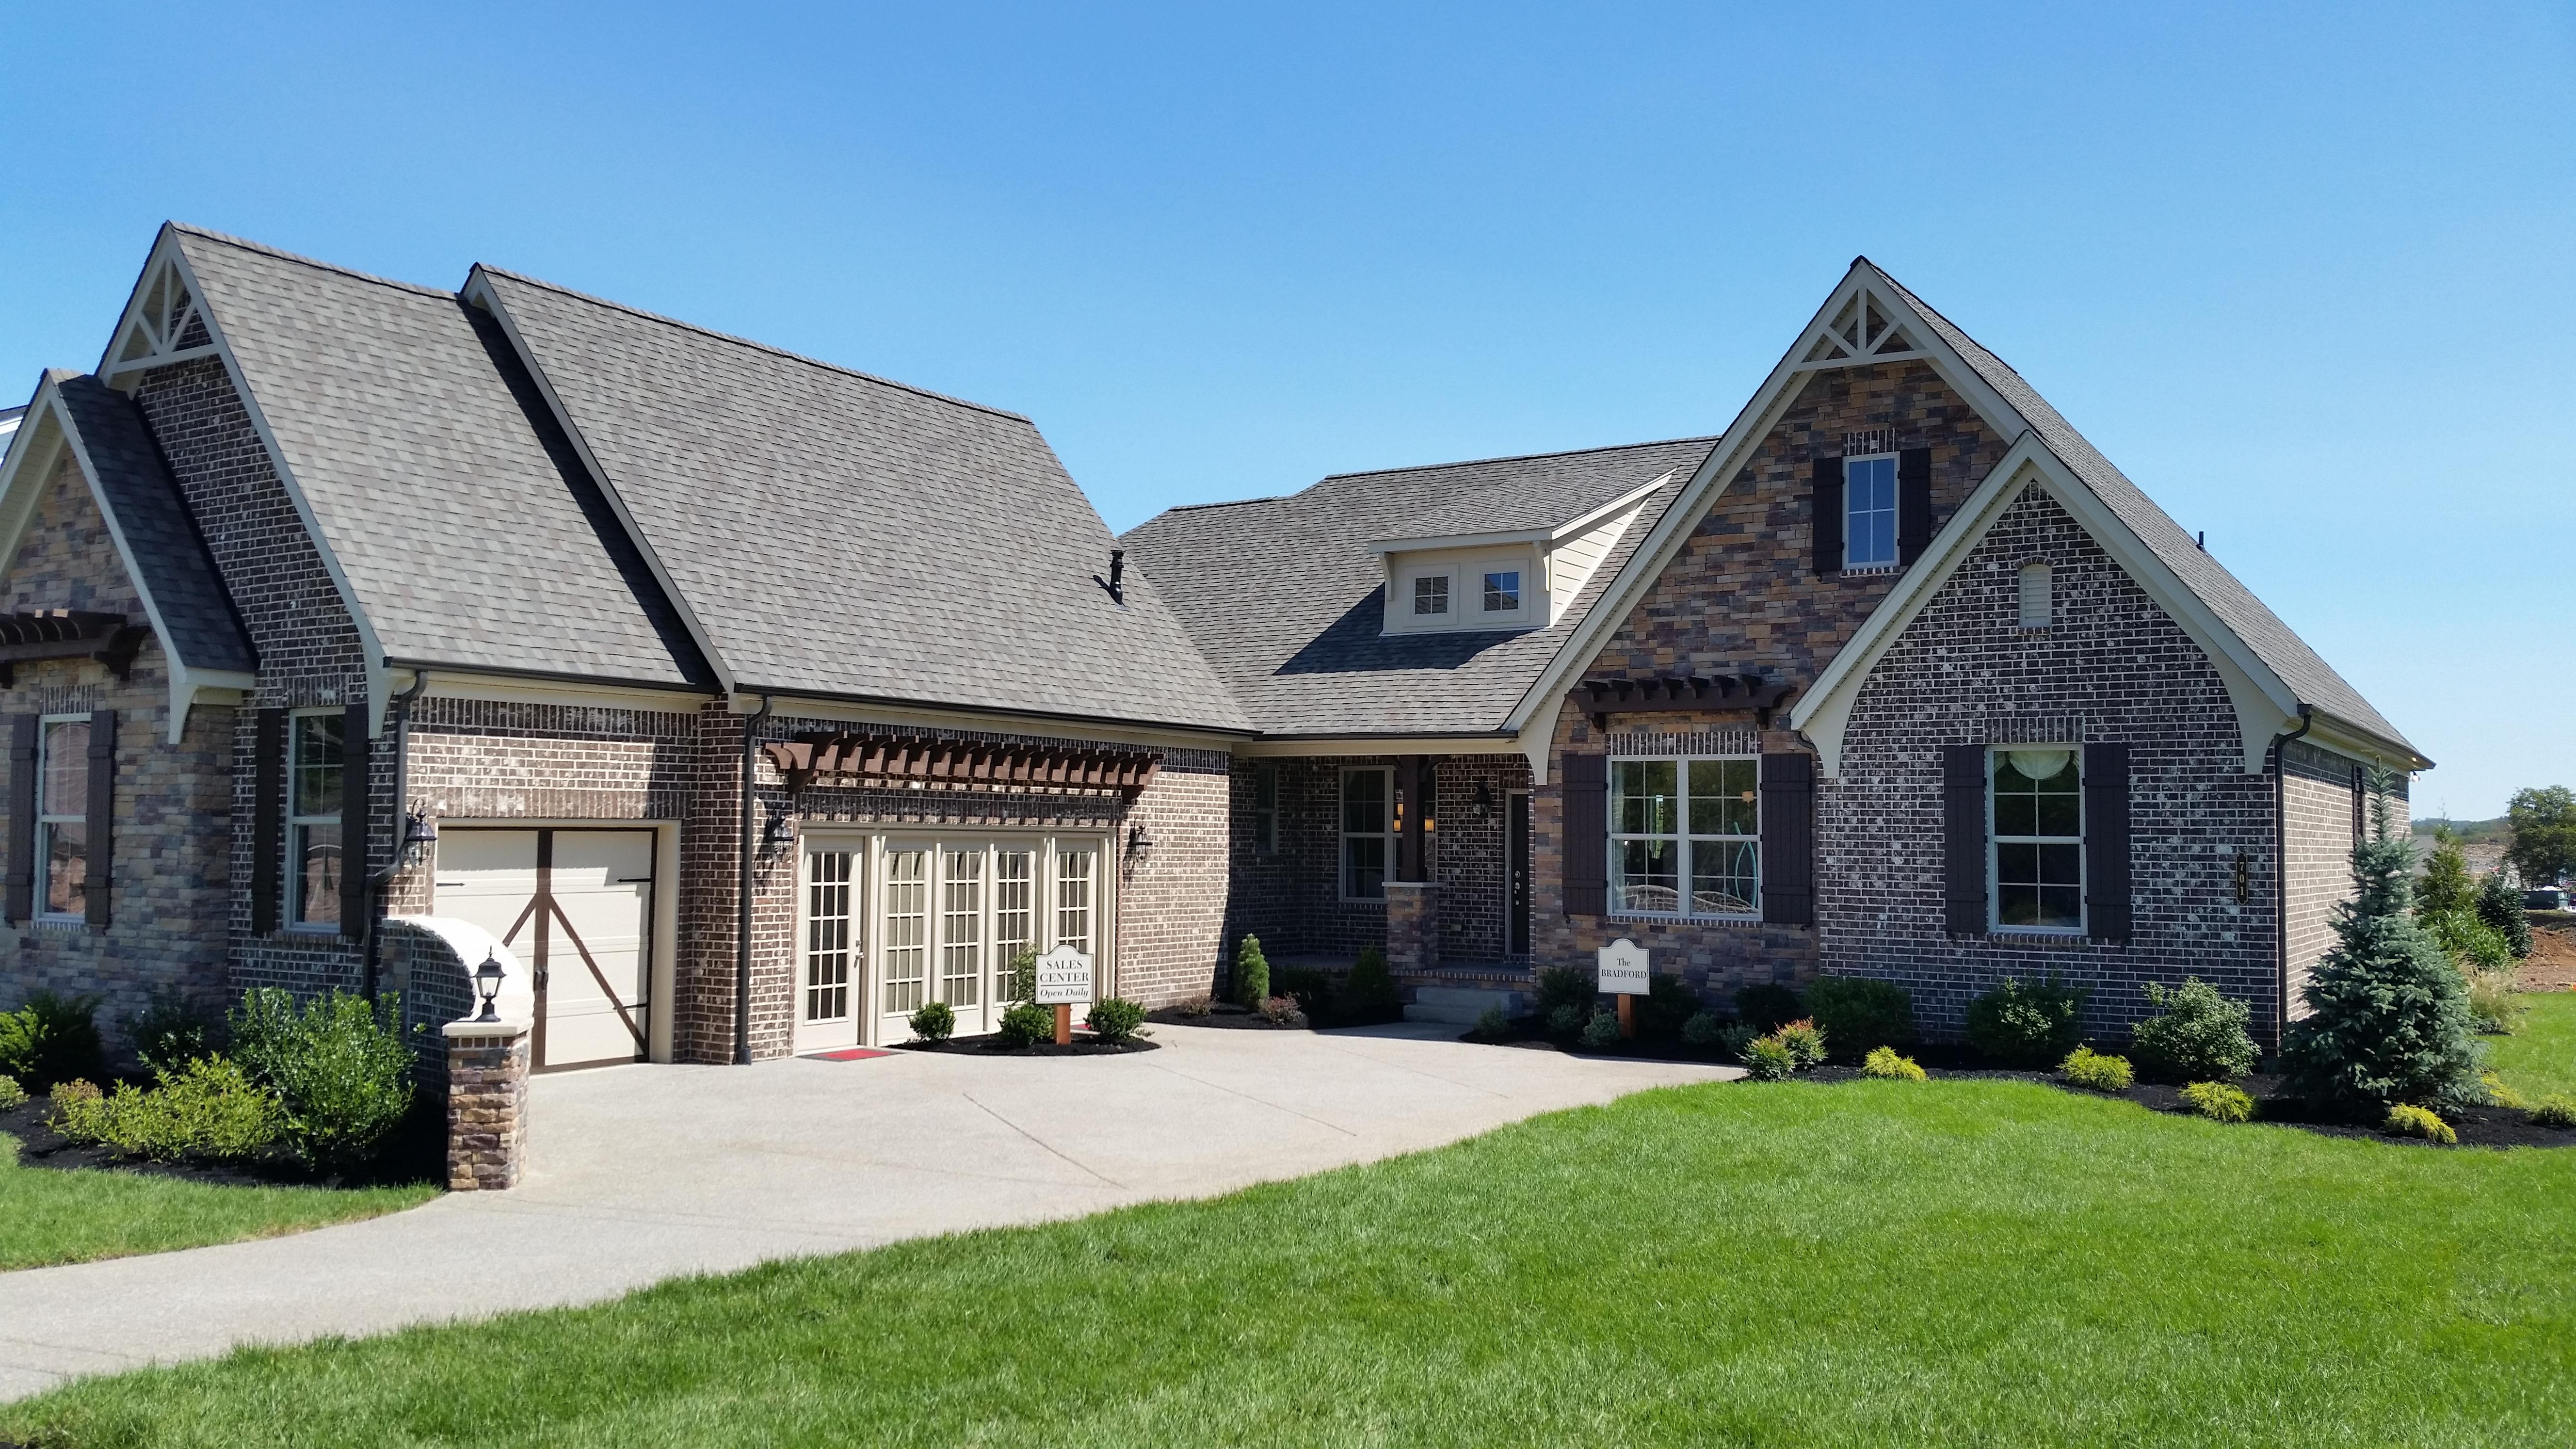 Summerlyn Model Home for Sale Nolensville